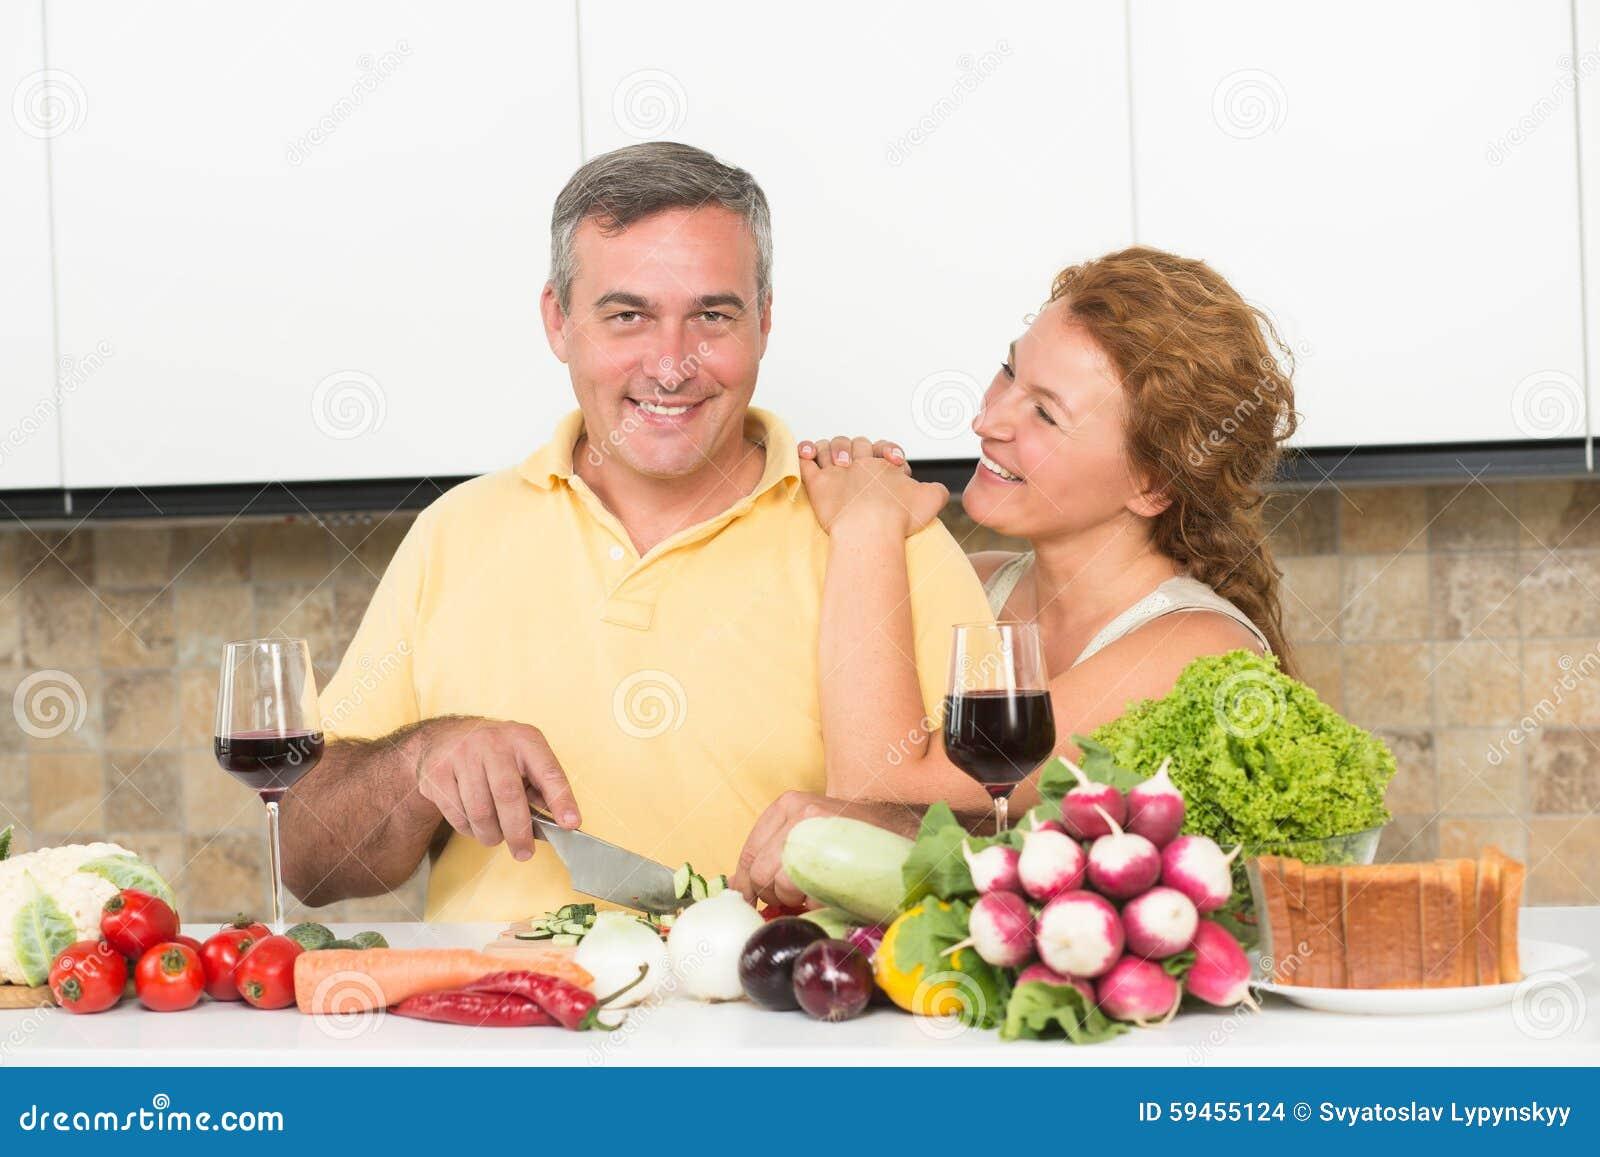 Couples m rs dans la cuisine photo stock image 59455124 - Couple faisant l amour dans la cuisine ...